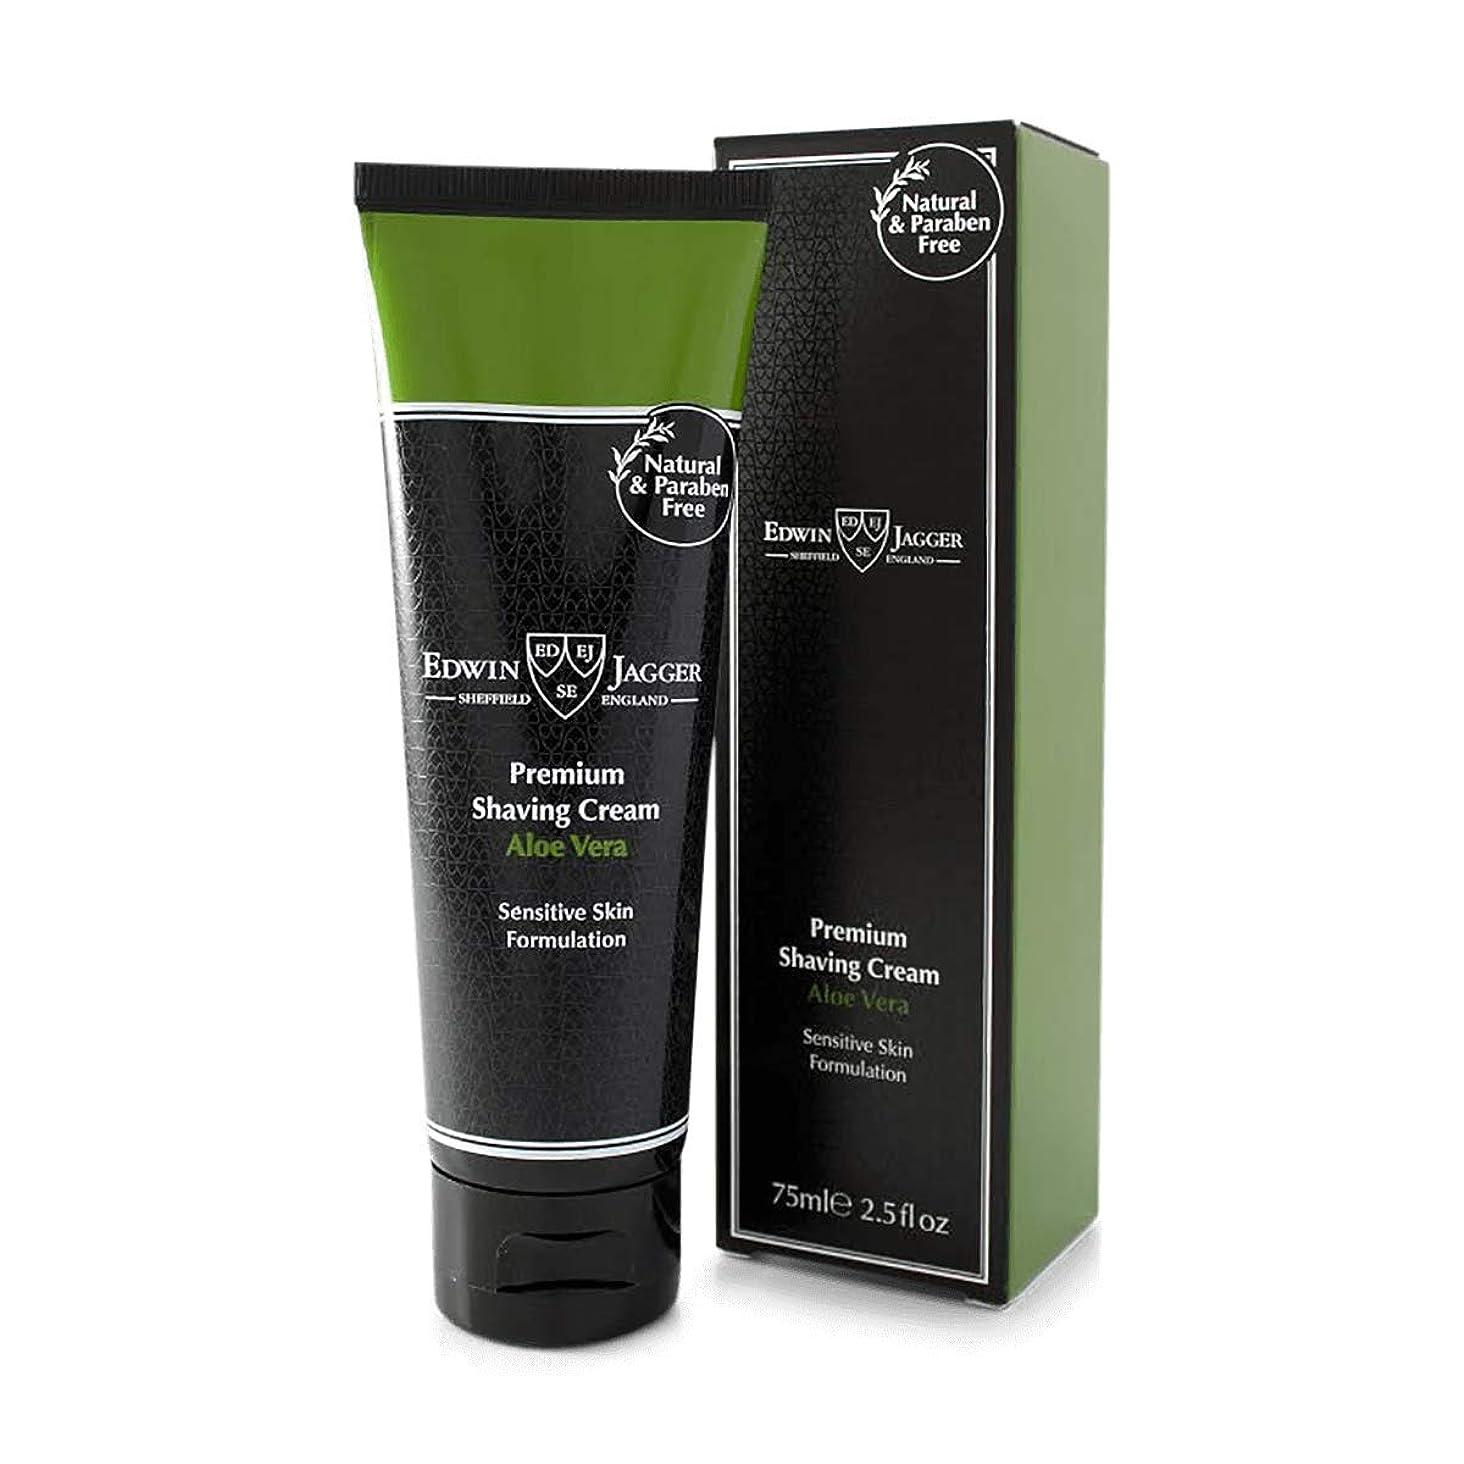 ペグヘビー踏み台エドウィンジャガー プレミアム シェービング クリーム アロエベラ75ml[海外直送品]Edwin Jagger Premium Shaving Cream Aloe Vera 75ml [並行輸入品]